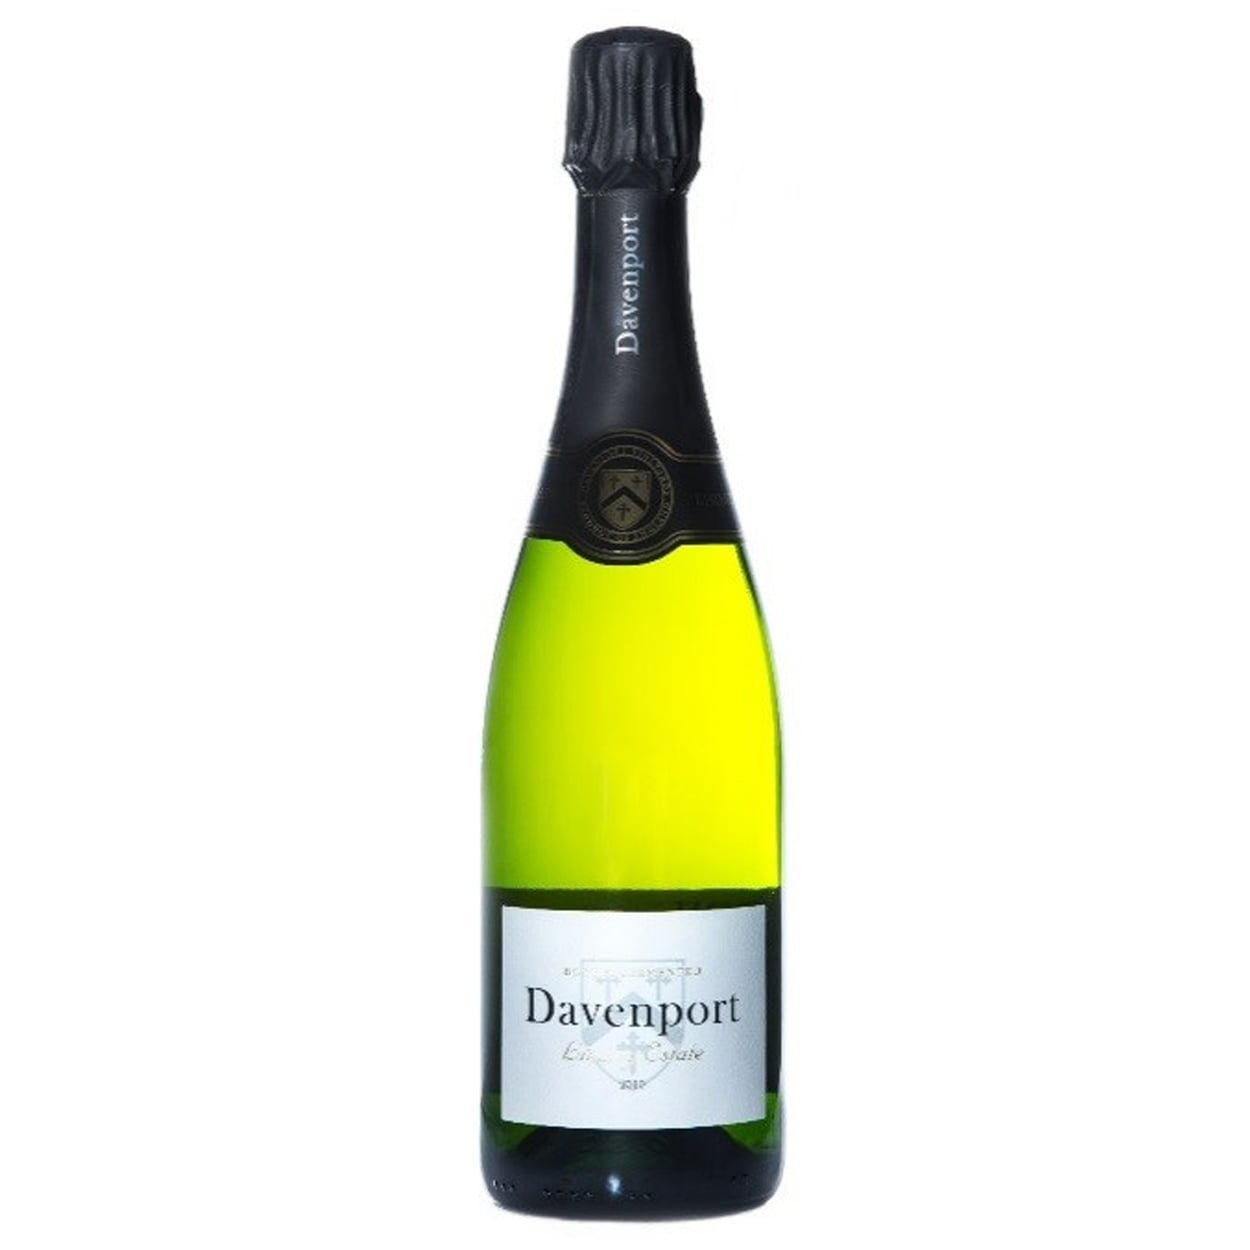 Davenport Limney Estate 2014 bottle shot English Sparkling Wine